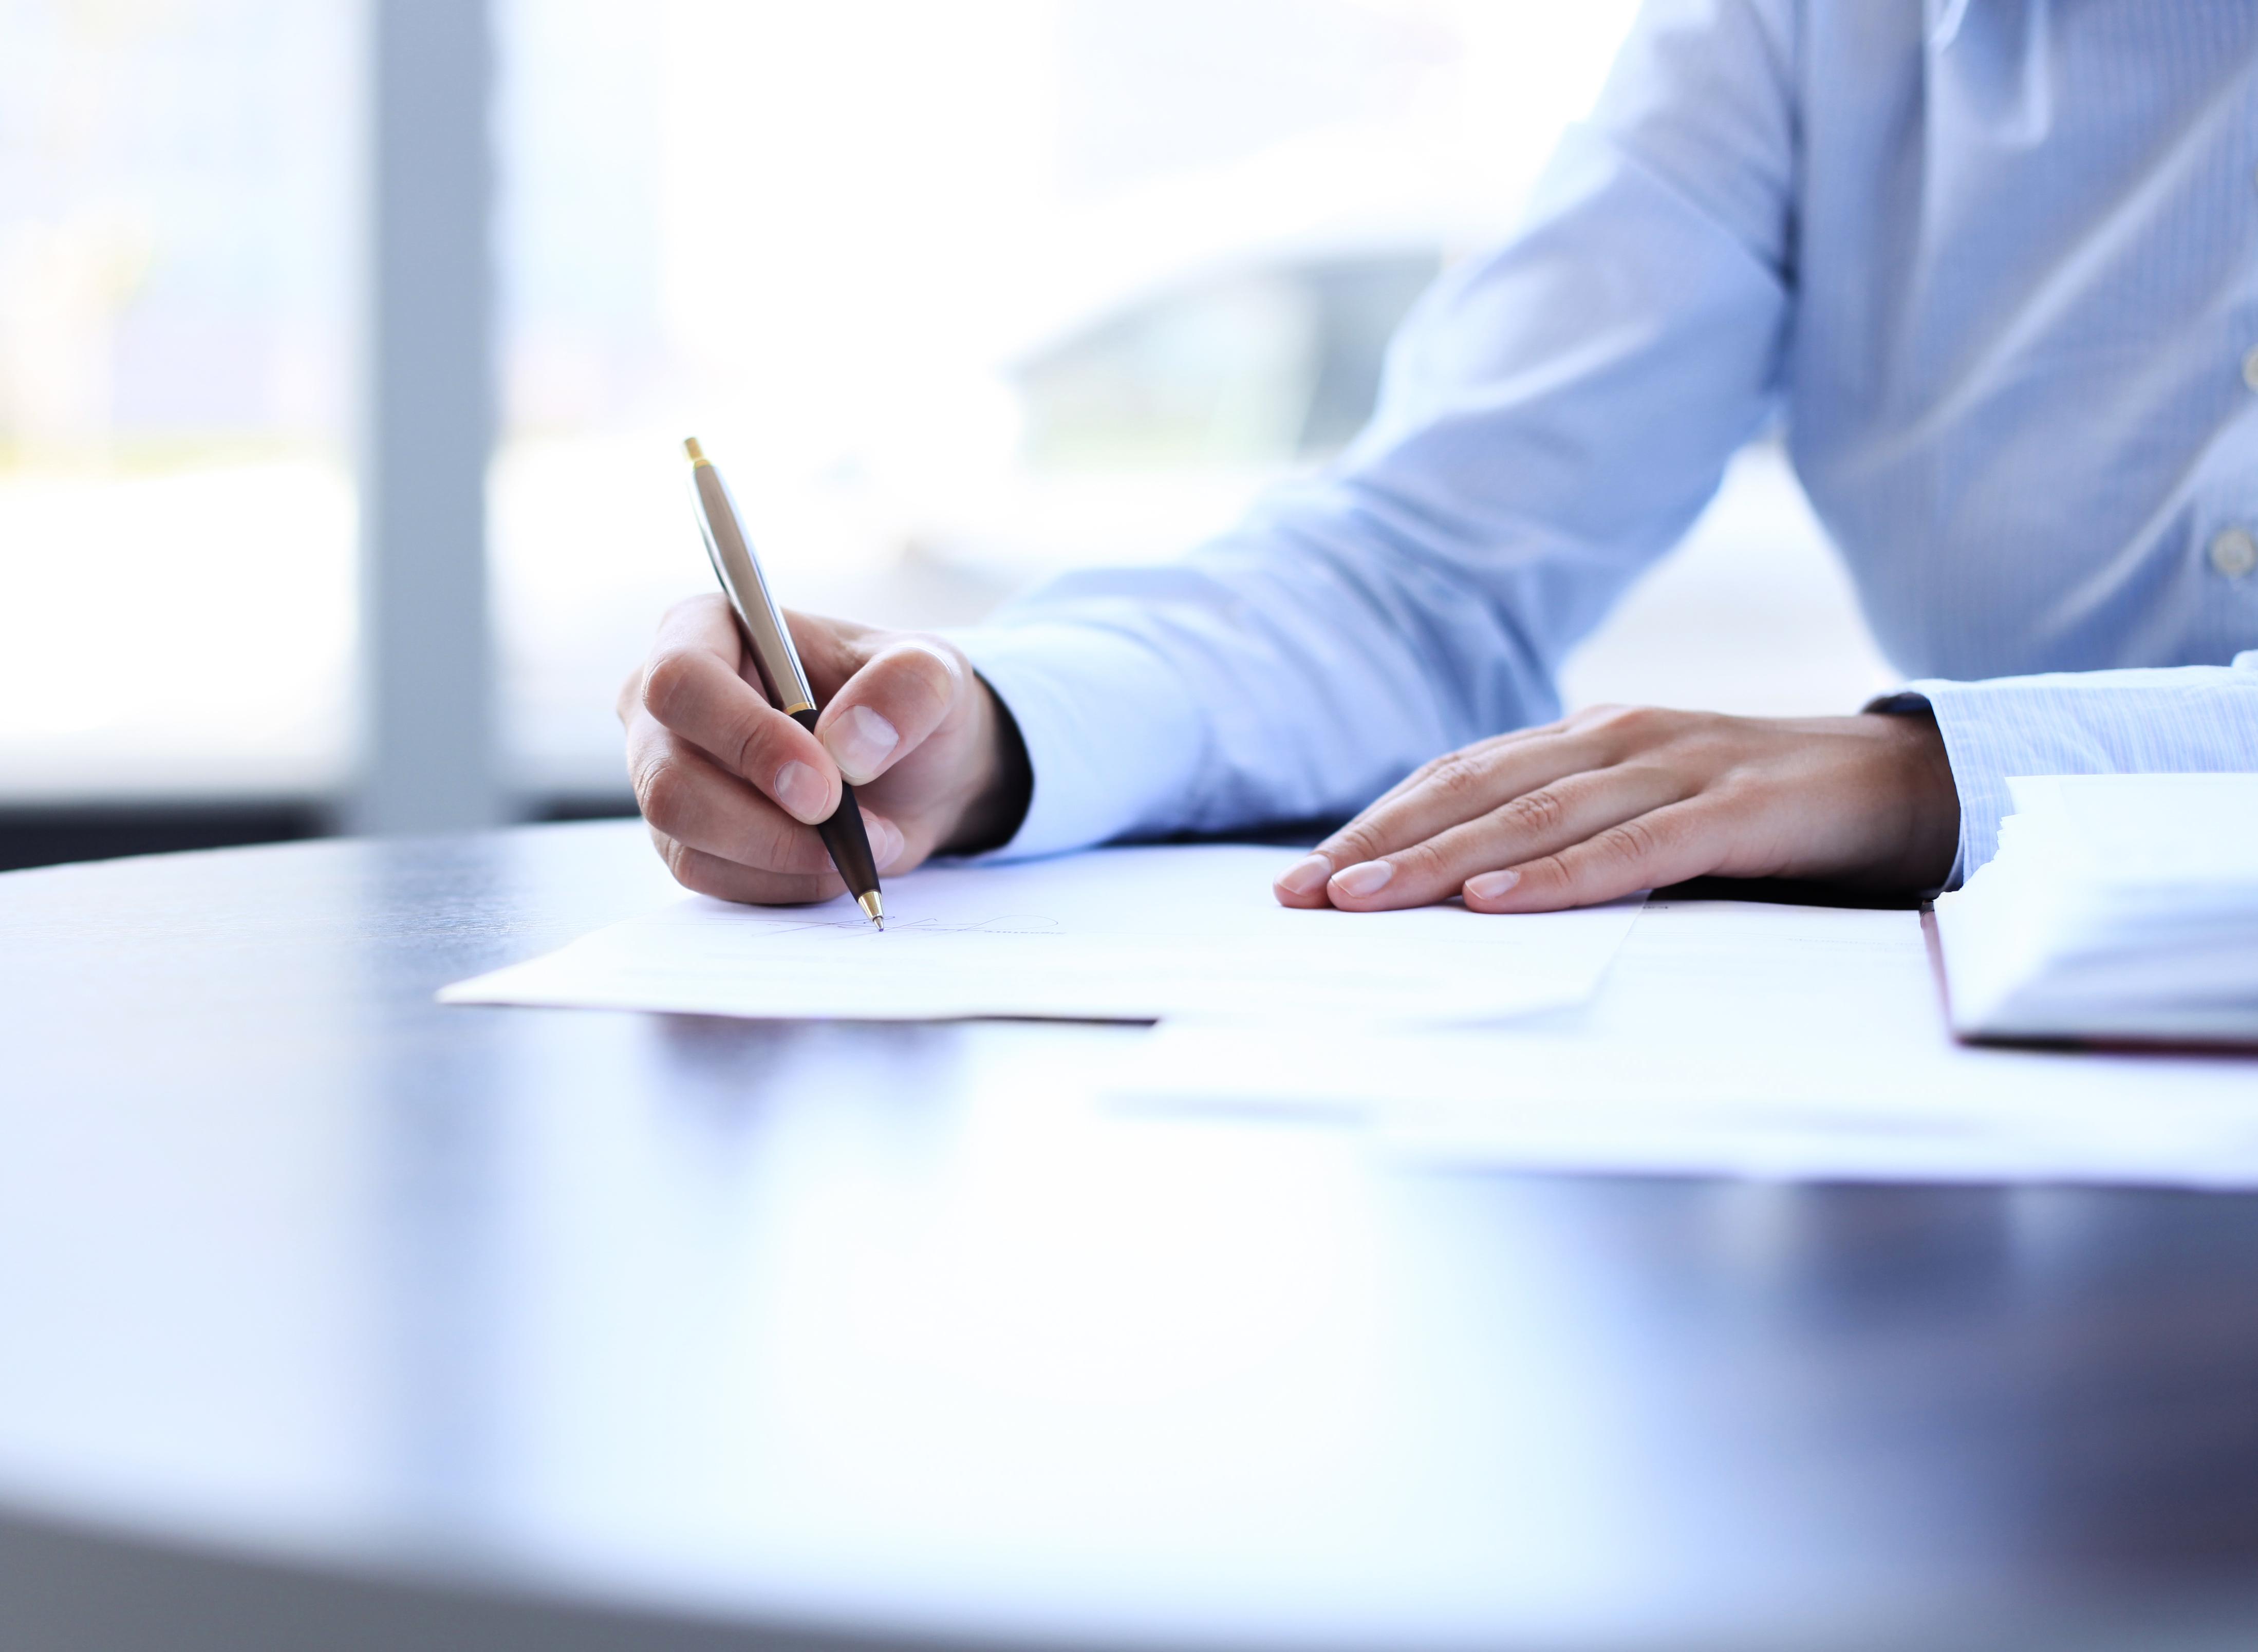 Kontor_Hånd som skriver